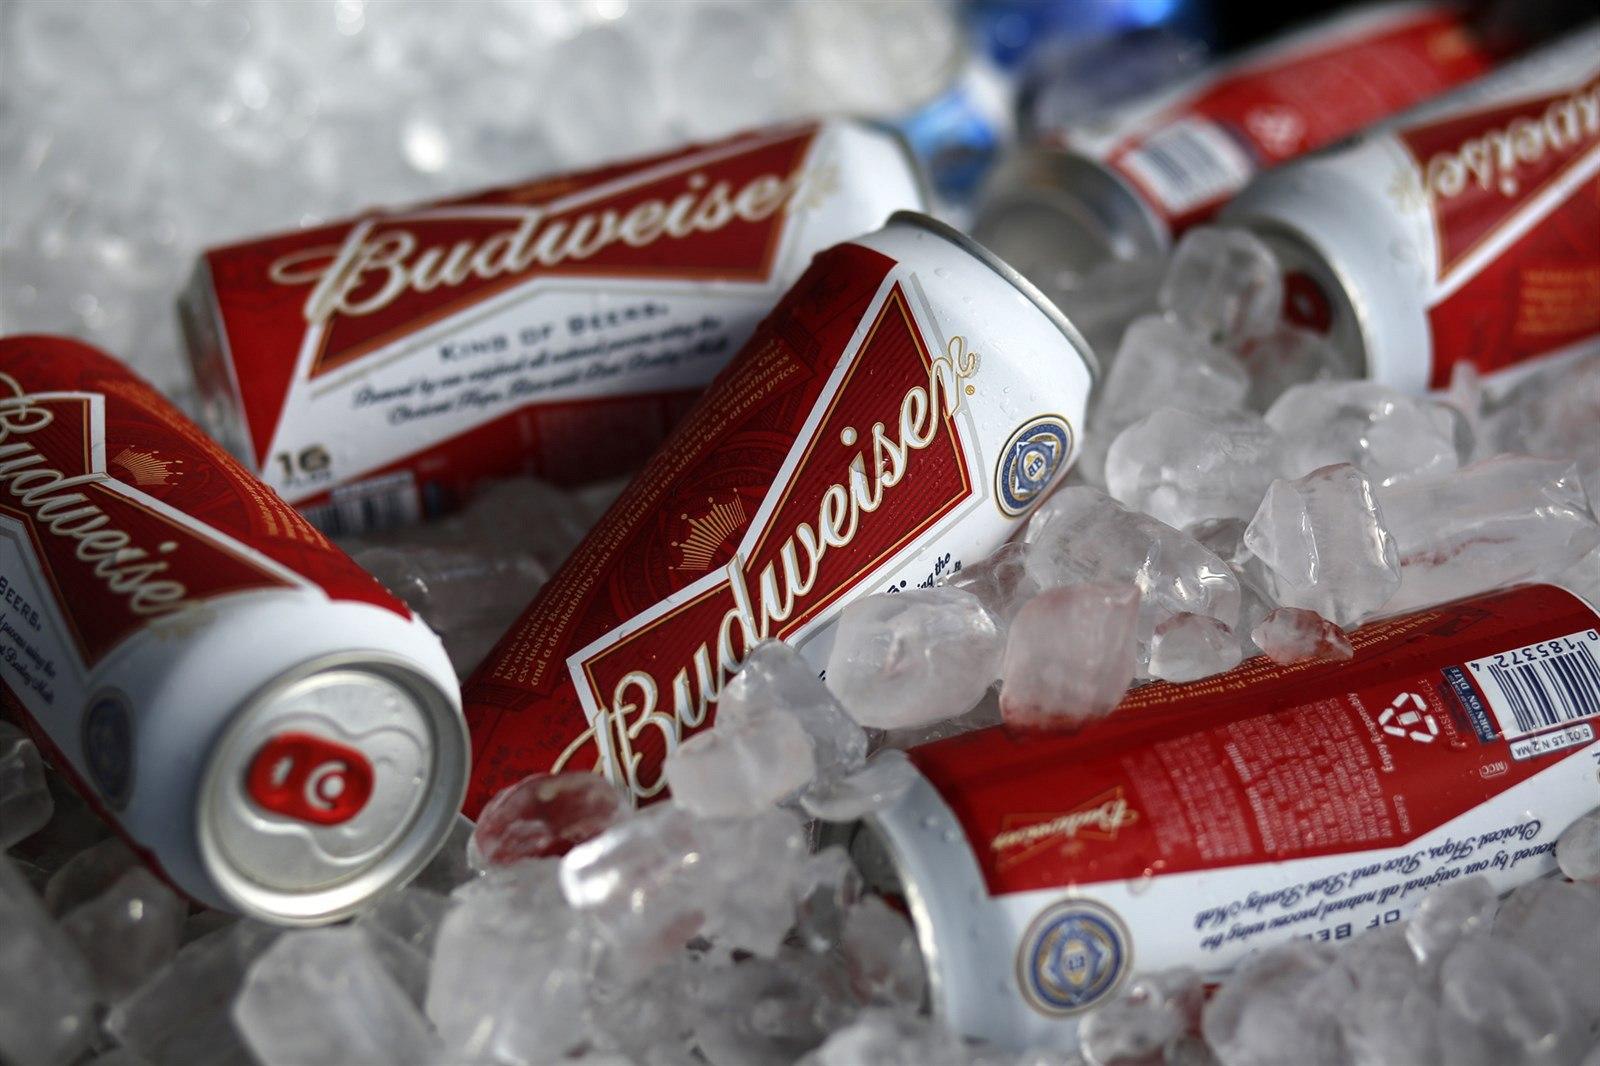 Největší pivovar zchudl o stovky miliard. AB InBev srazily špatné výsledky